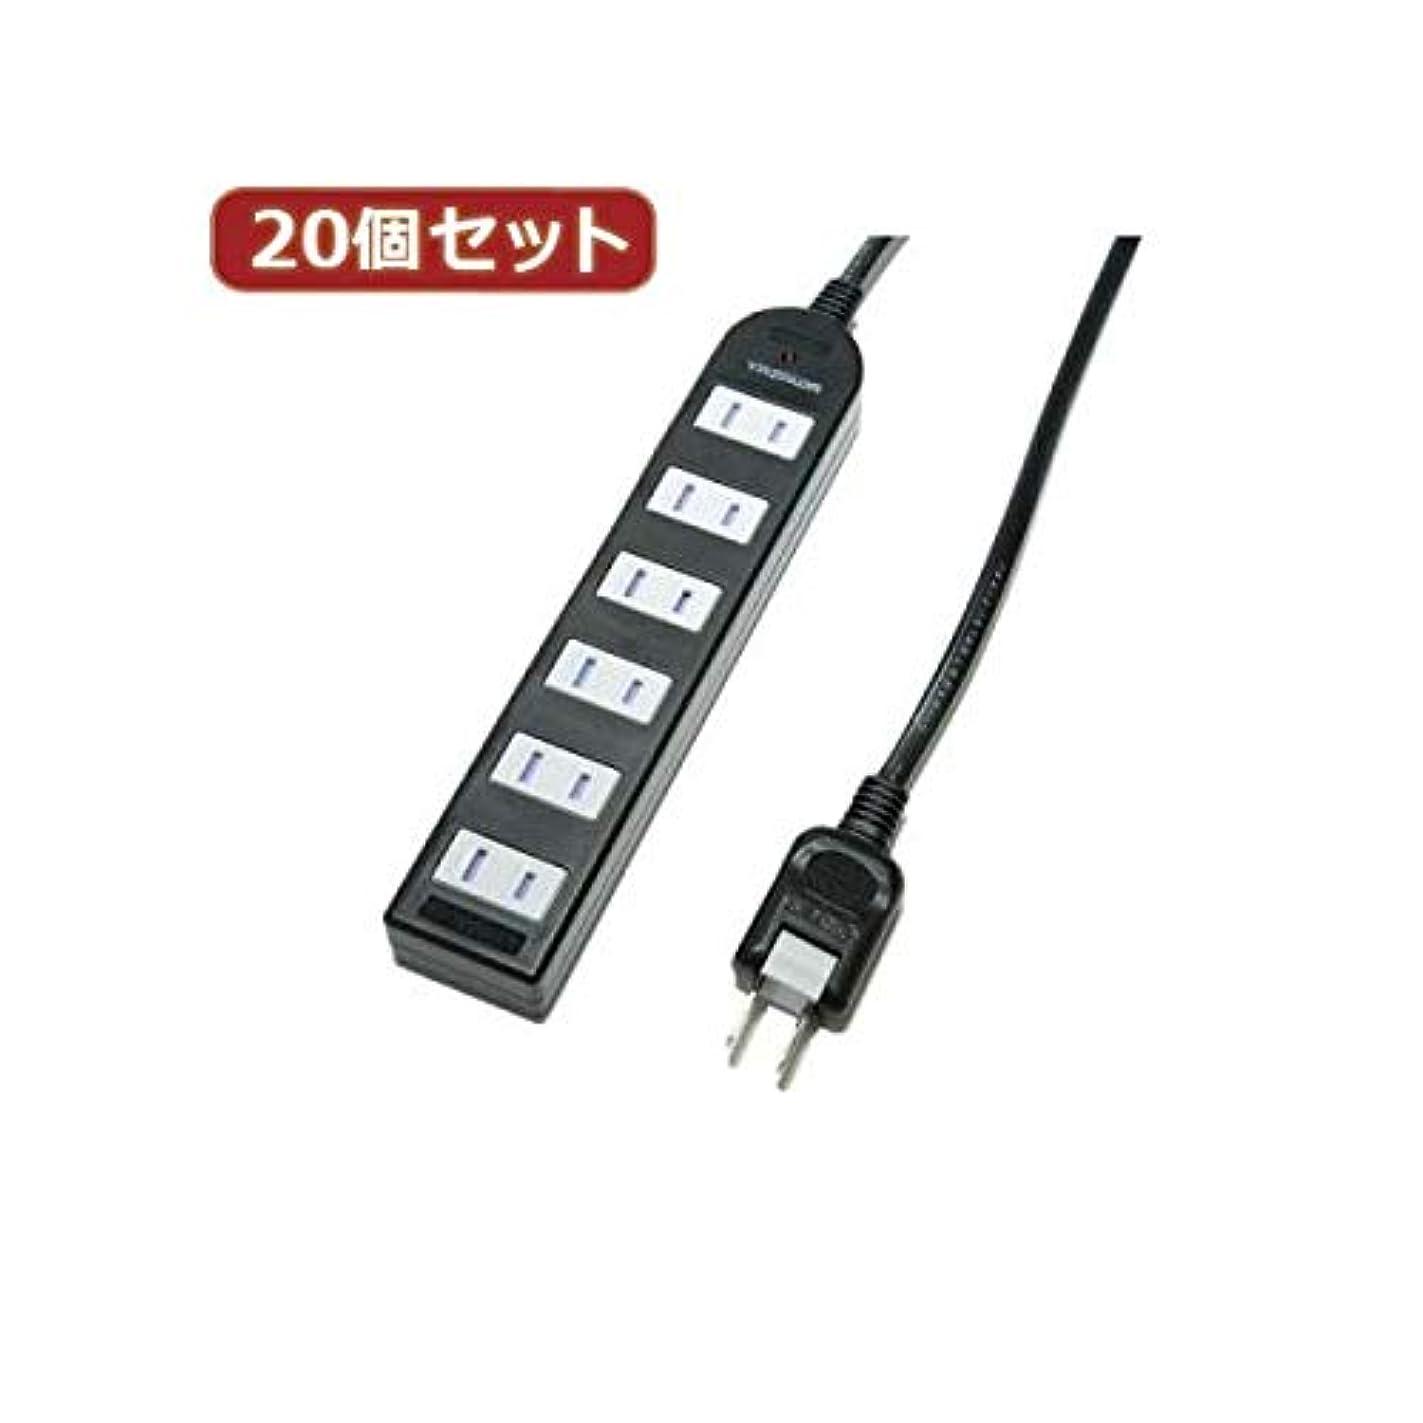 ドアミラーランチョン前投薬YAZAWA 20個セット ノイズフィルター付AV機器タップ Y02KNS602BKX20 AV デジモノ パソコン 周辺機器 電源タップ タップ 14067381 [並行輸入品]